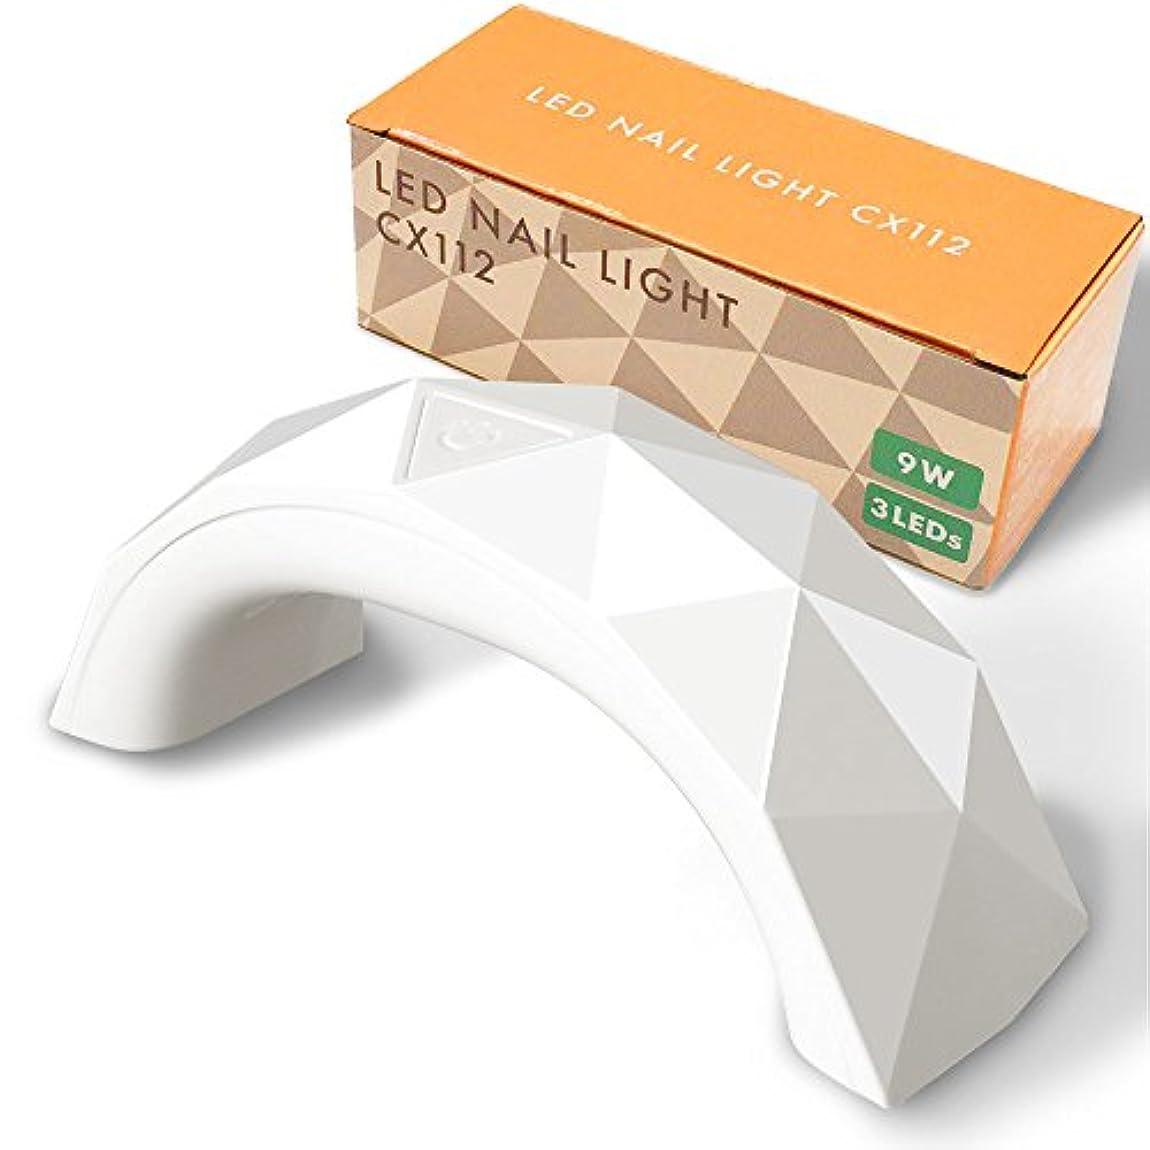 きらきらピービッシュテキスト【Centrex】【CX112】ジェルネイル LEDライト 9W 硬化用ライト タイマー付き ハイパワーチップ式LED球 USB式 (ホワイト)